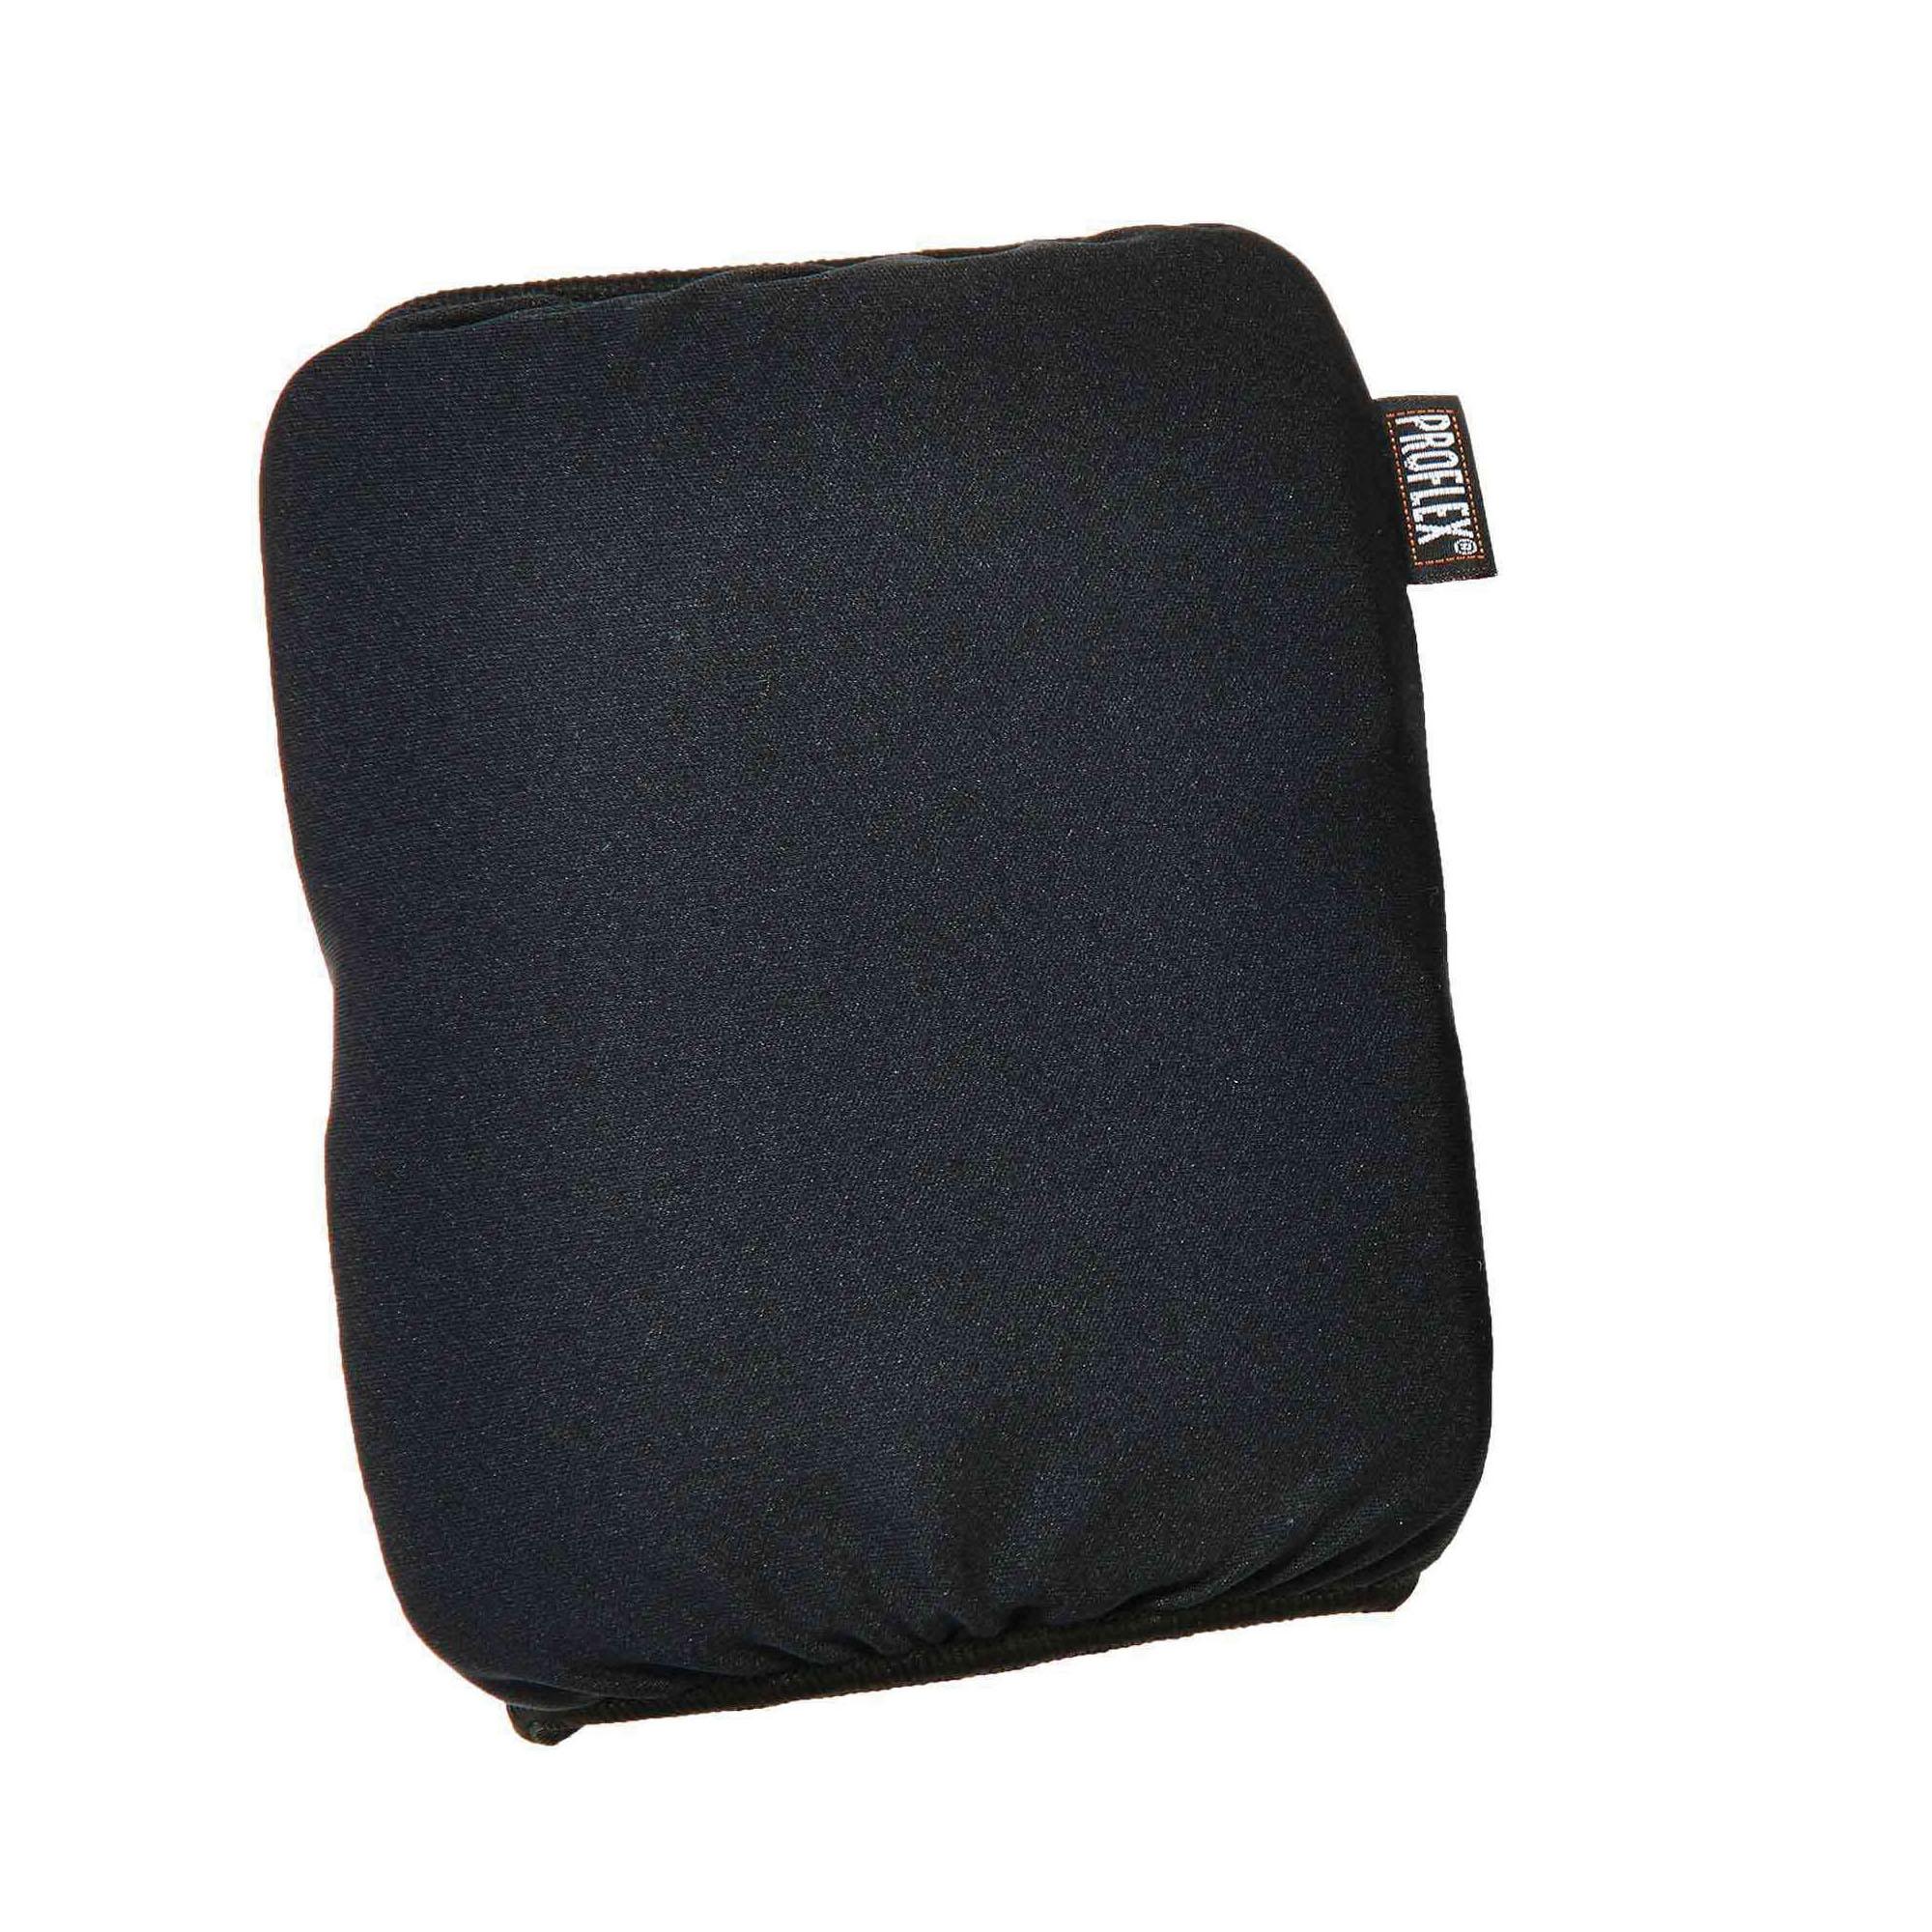 ProFlex® 18260 260 Slip-On, Cloth/Foam Pad, Black